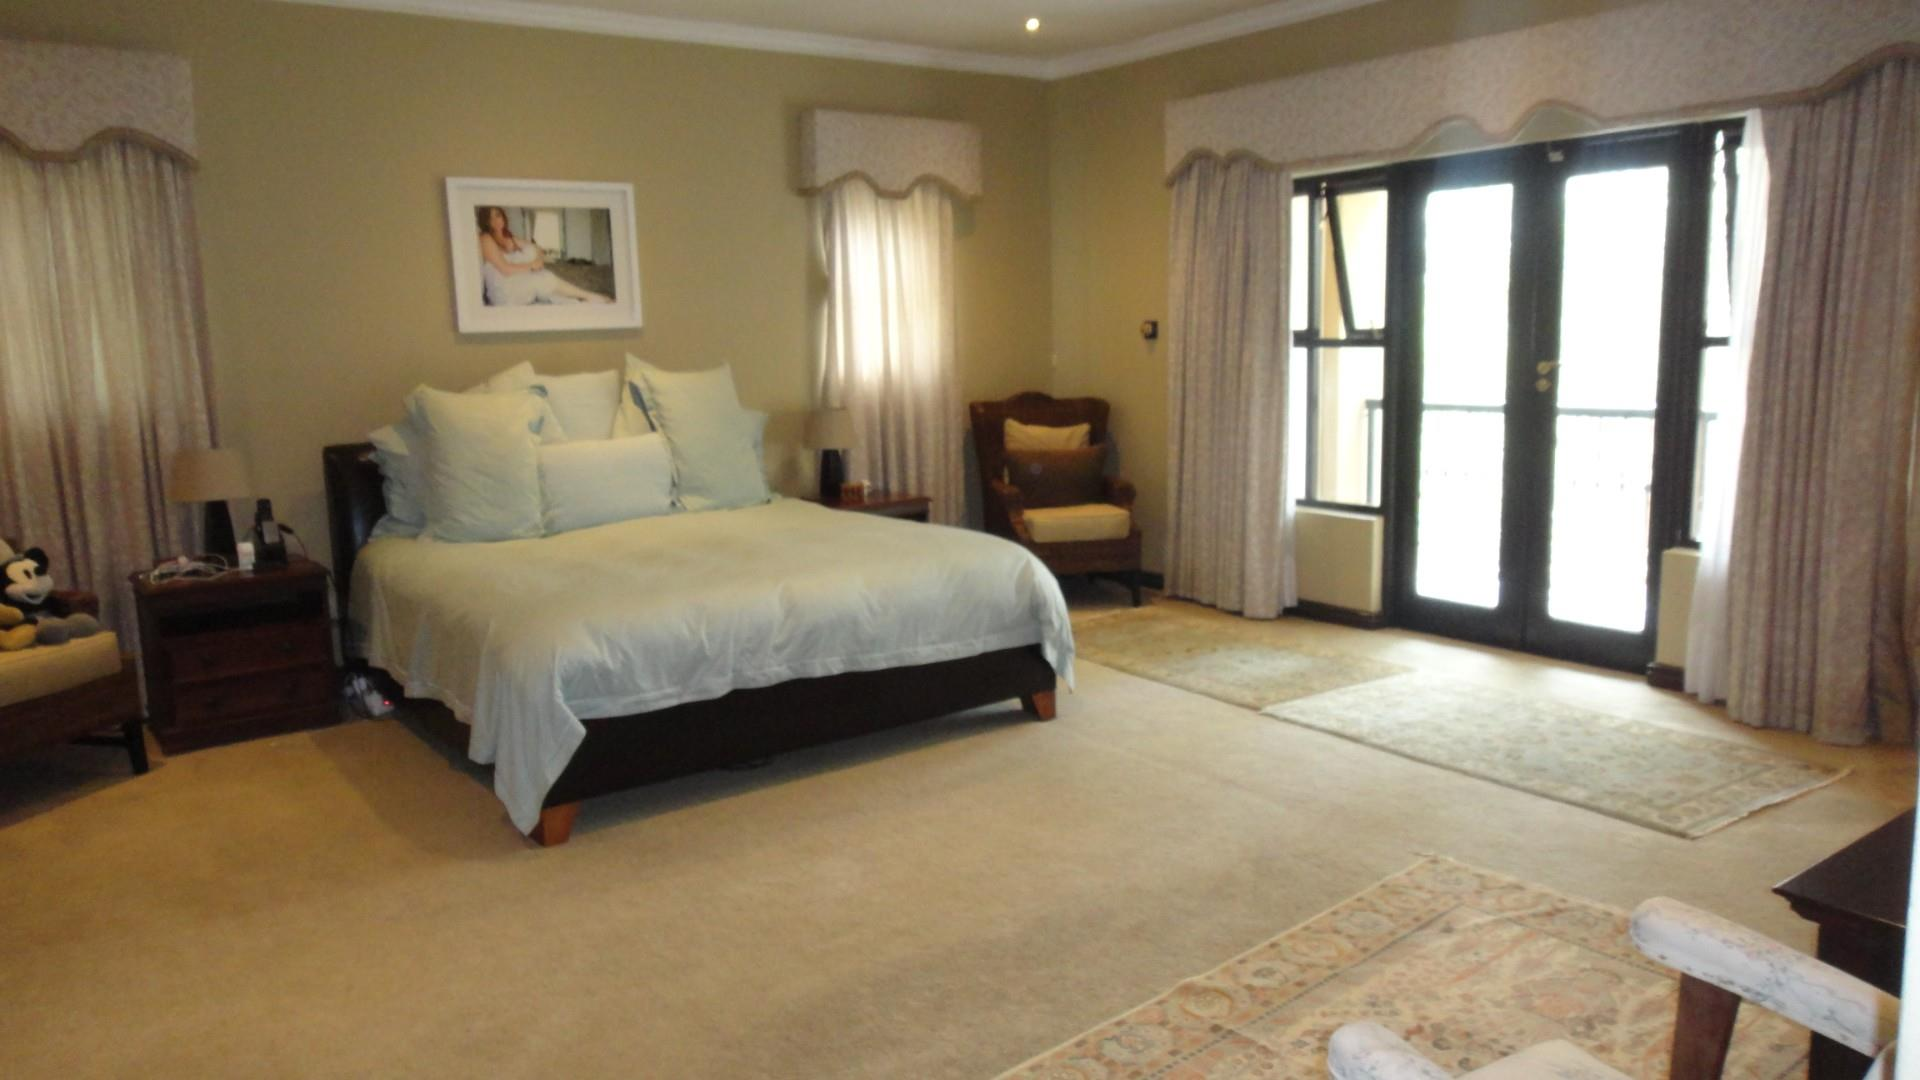 5 Bedroom House For Sale in Phakalane Golf Estate